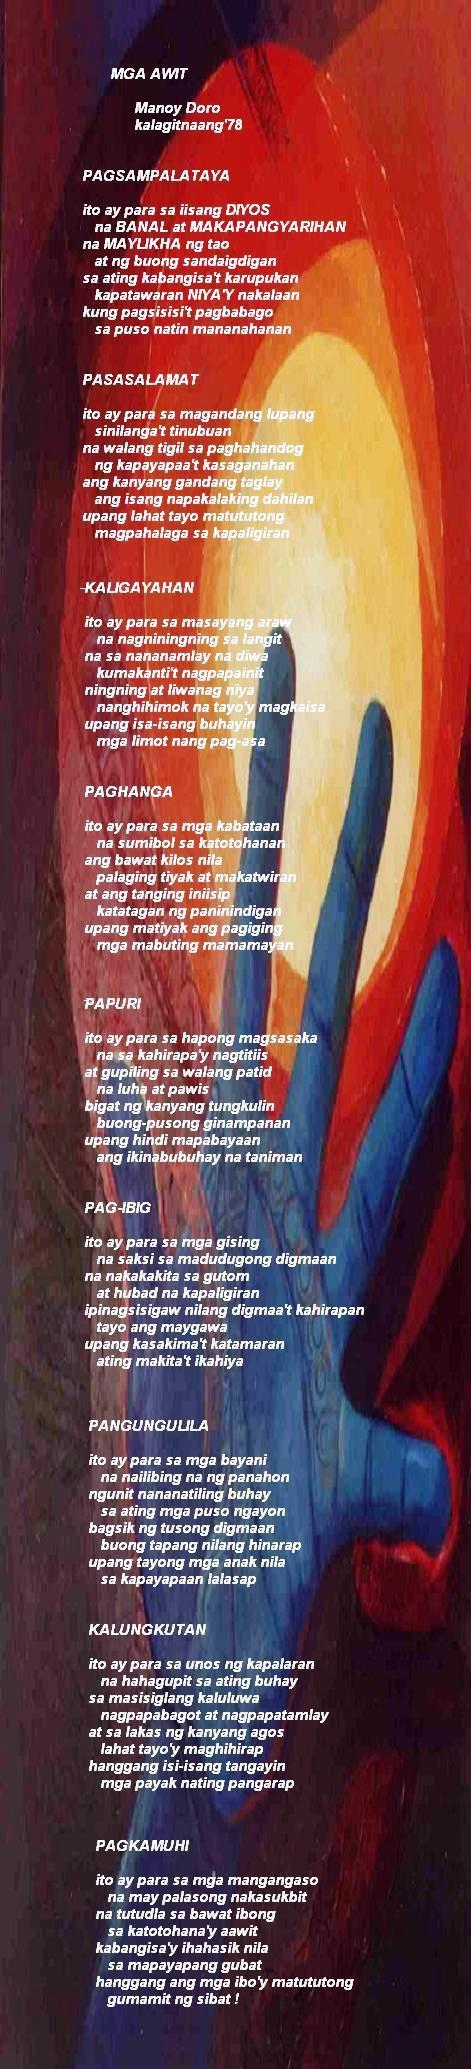 mga awit